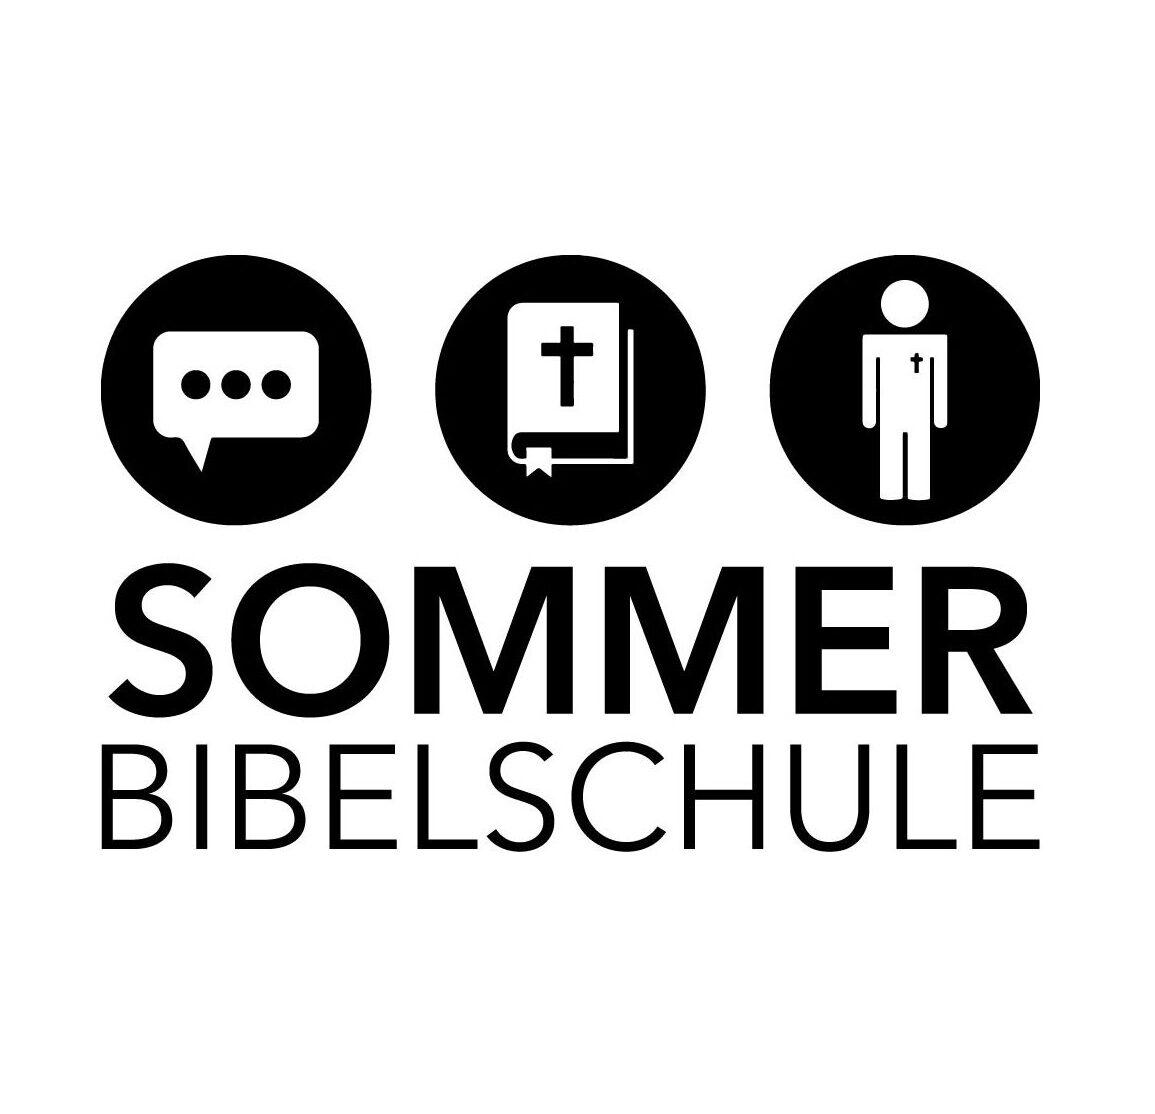 Sommerbibelschule